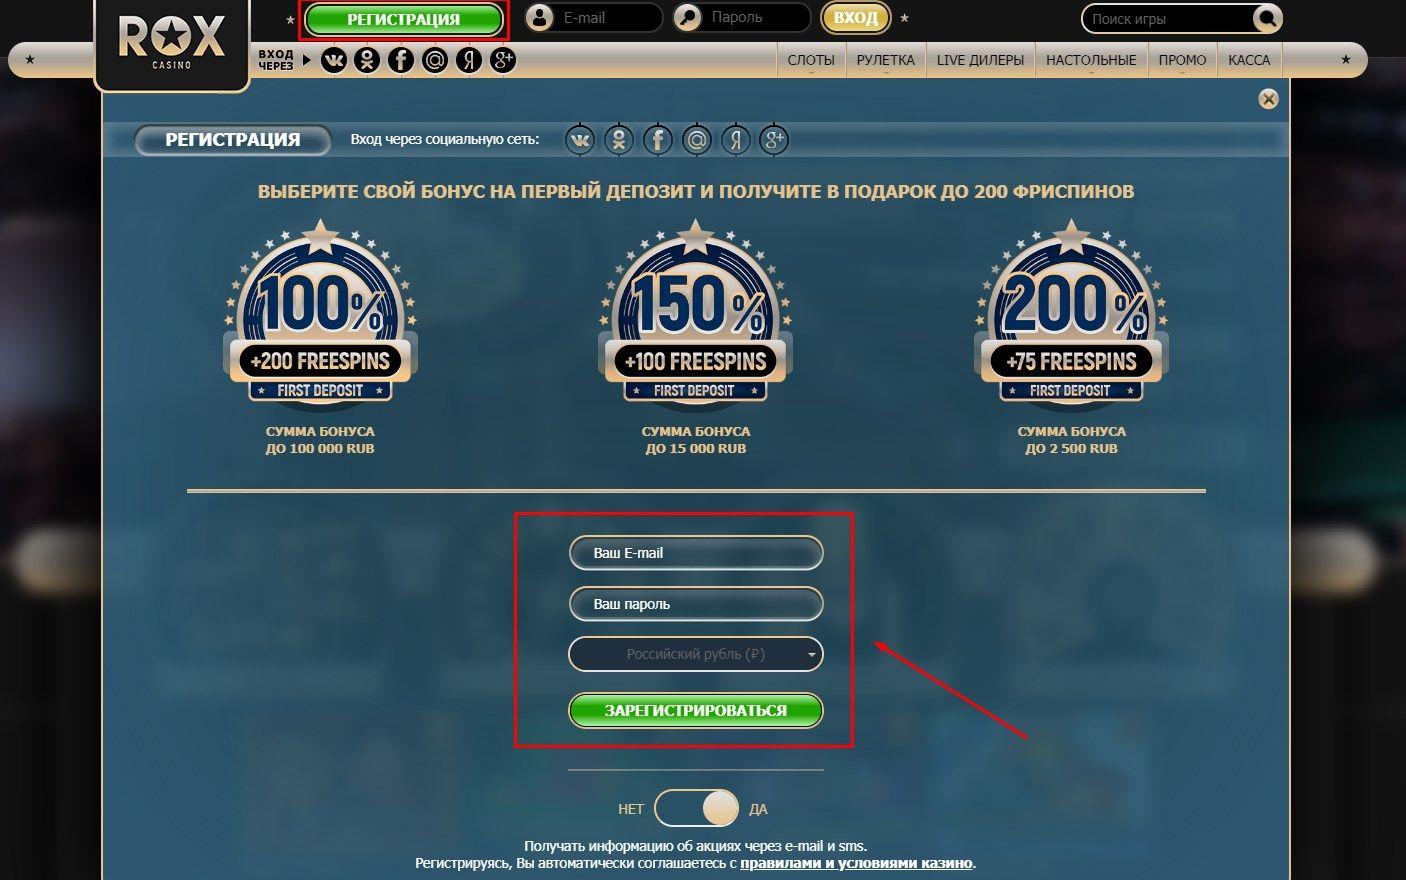 Деньги mail казино рейтинг i казино по выплатам